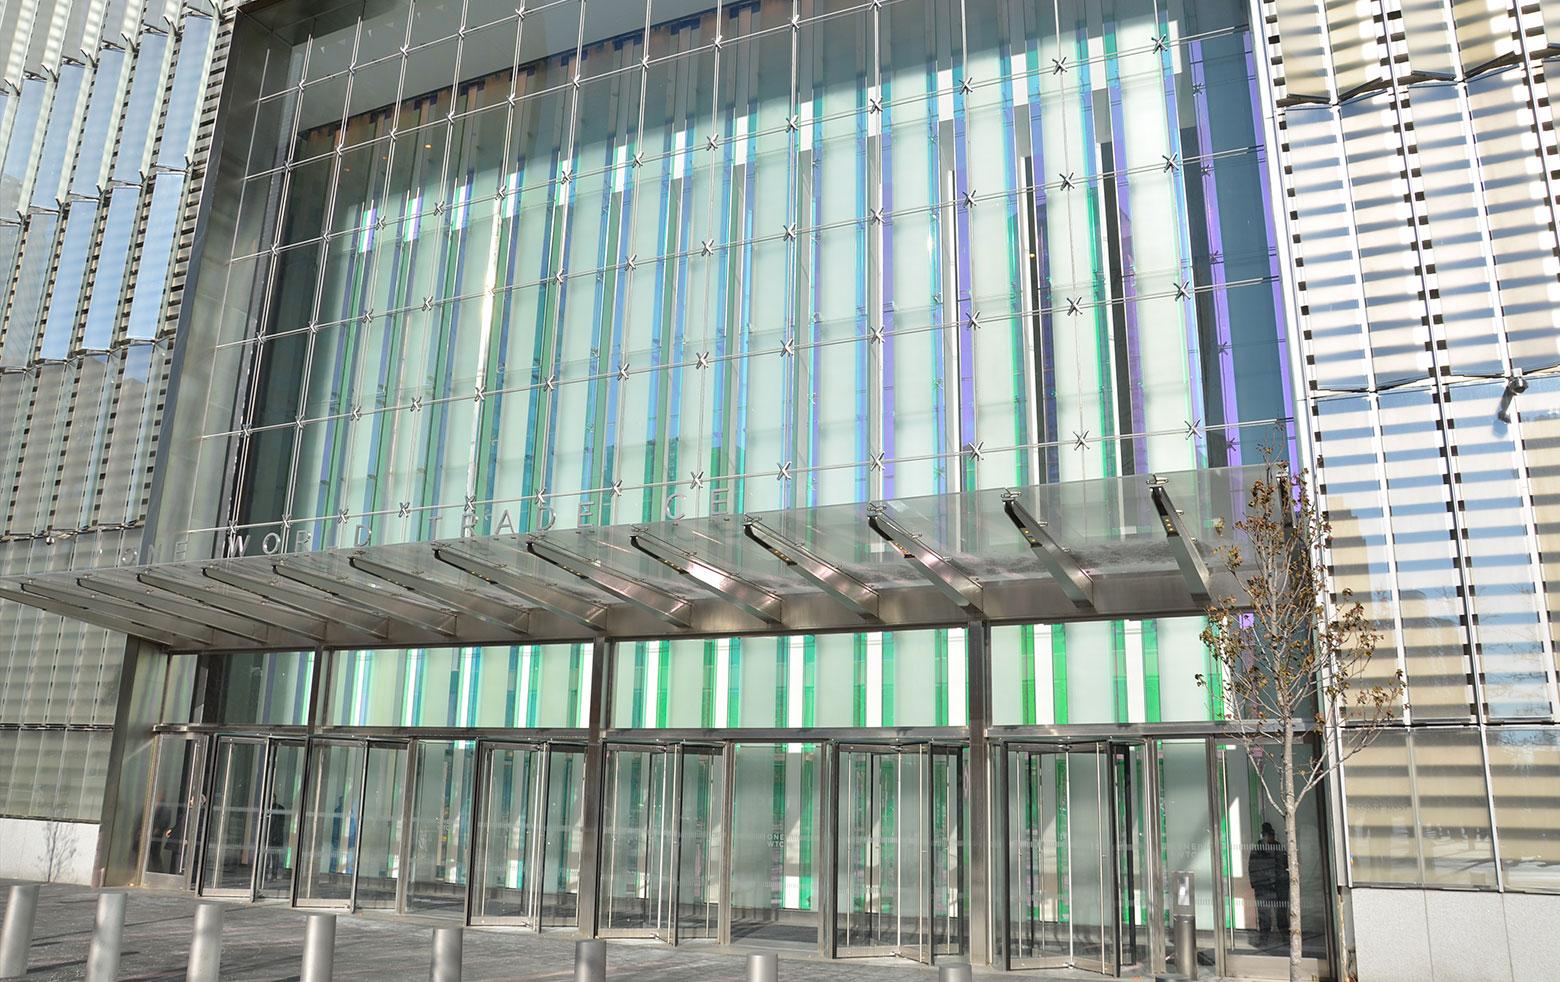 Farbeffektglas im Entreé und der Lobby des Tower One